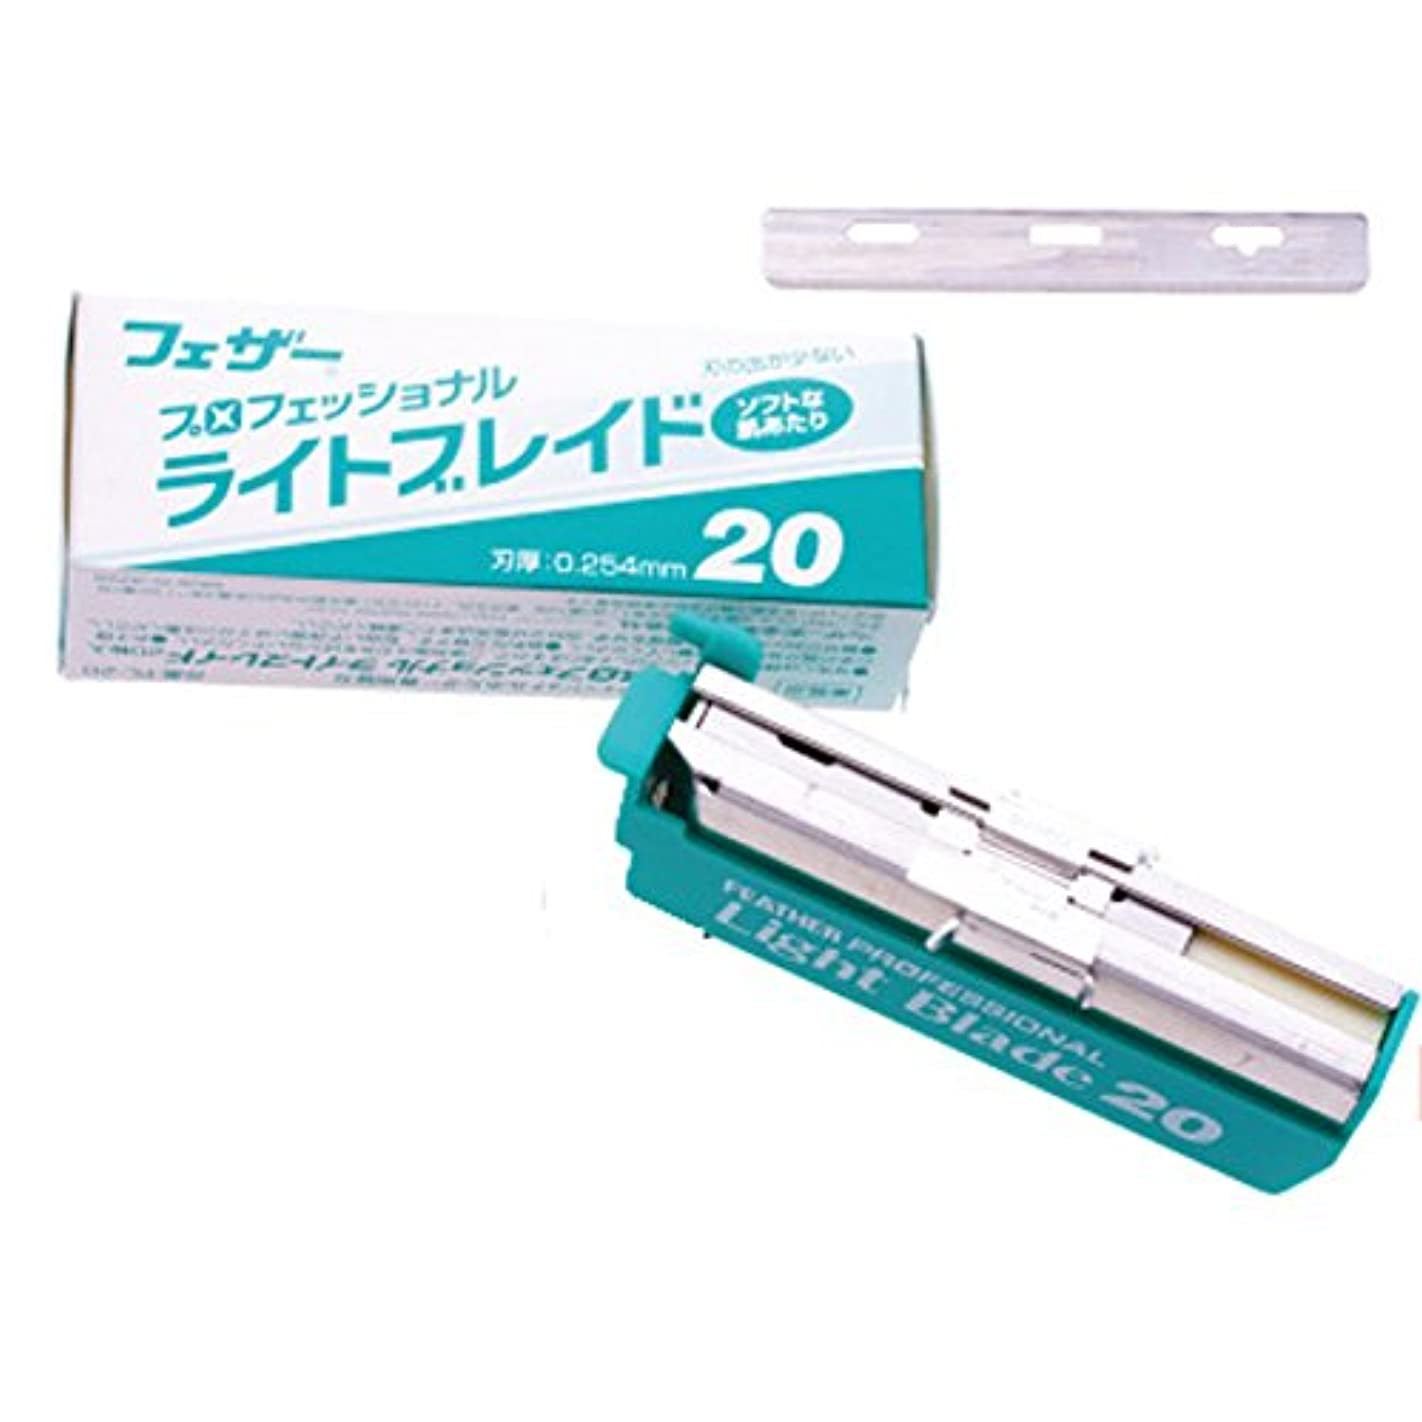 レパートリー全能不良【5個パック】フェザープロフェッショナルブレイド ライトブレイド 20枚入 (刃厚0.254mm)